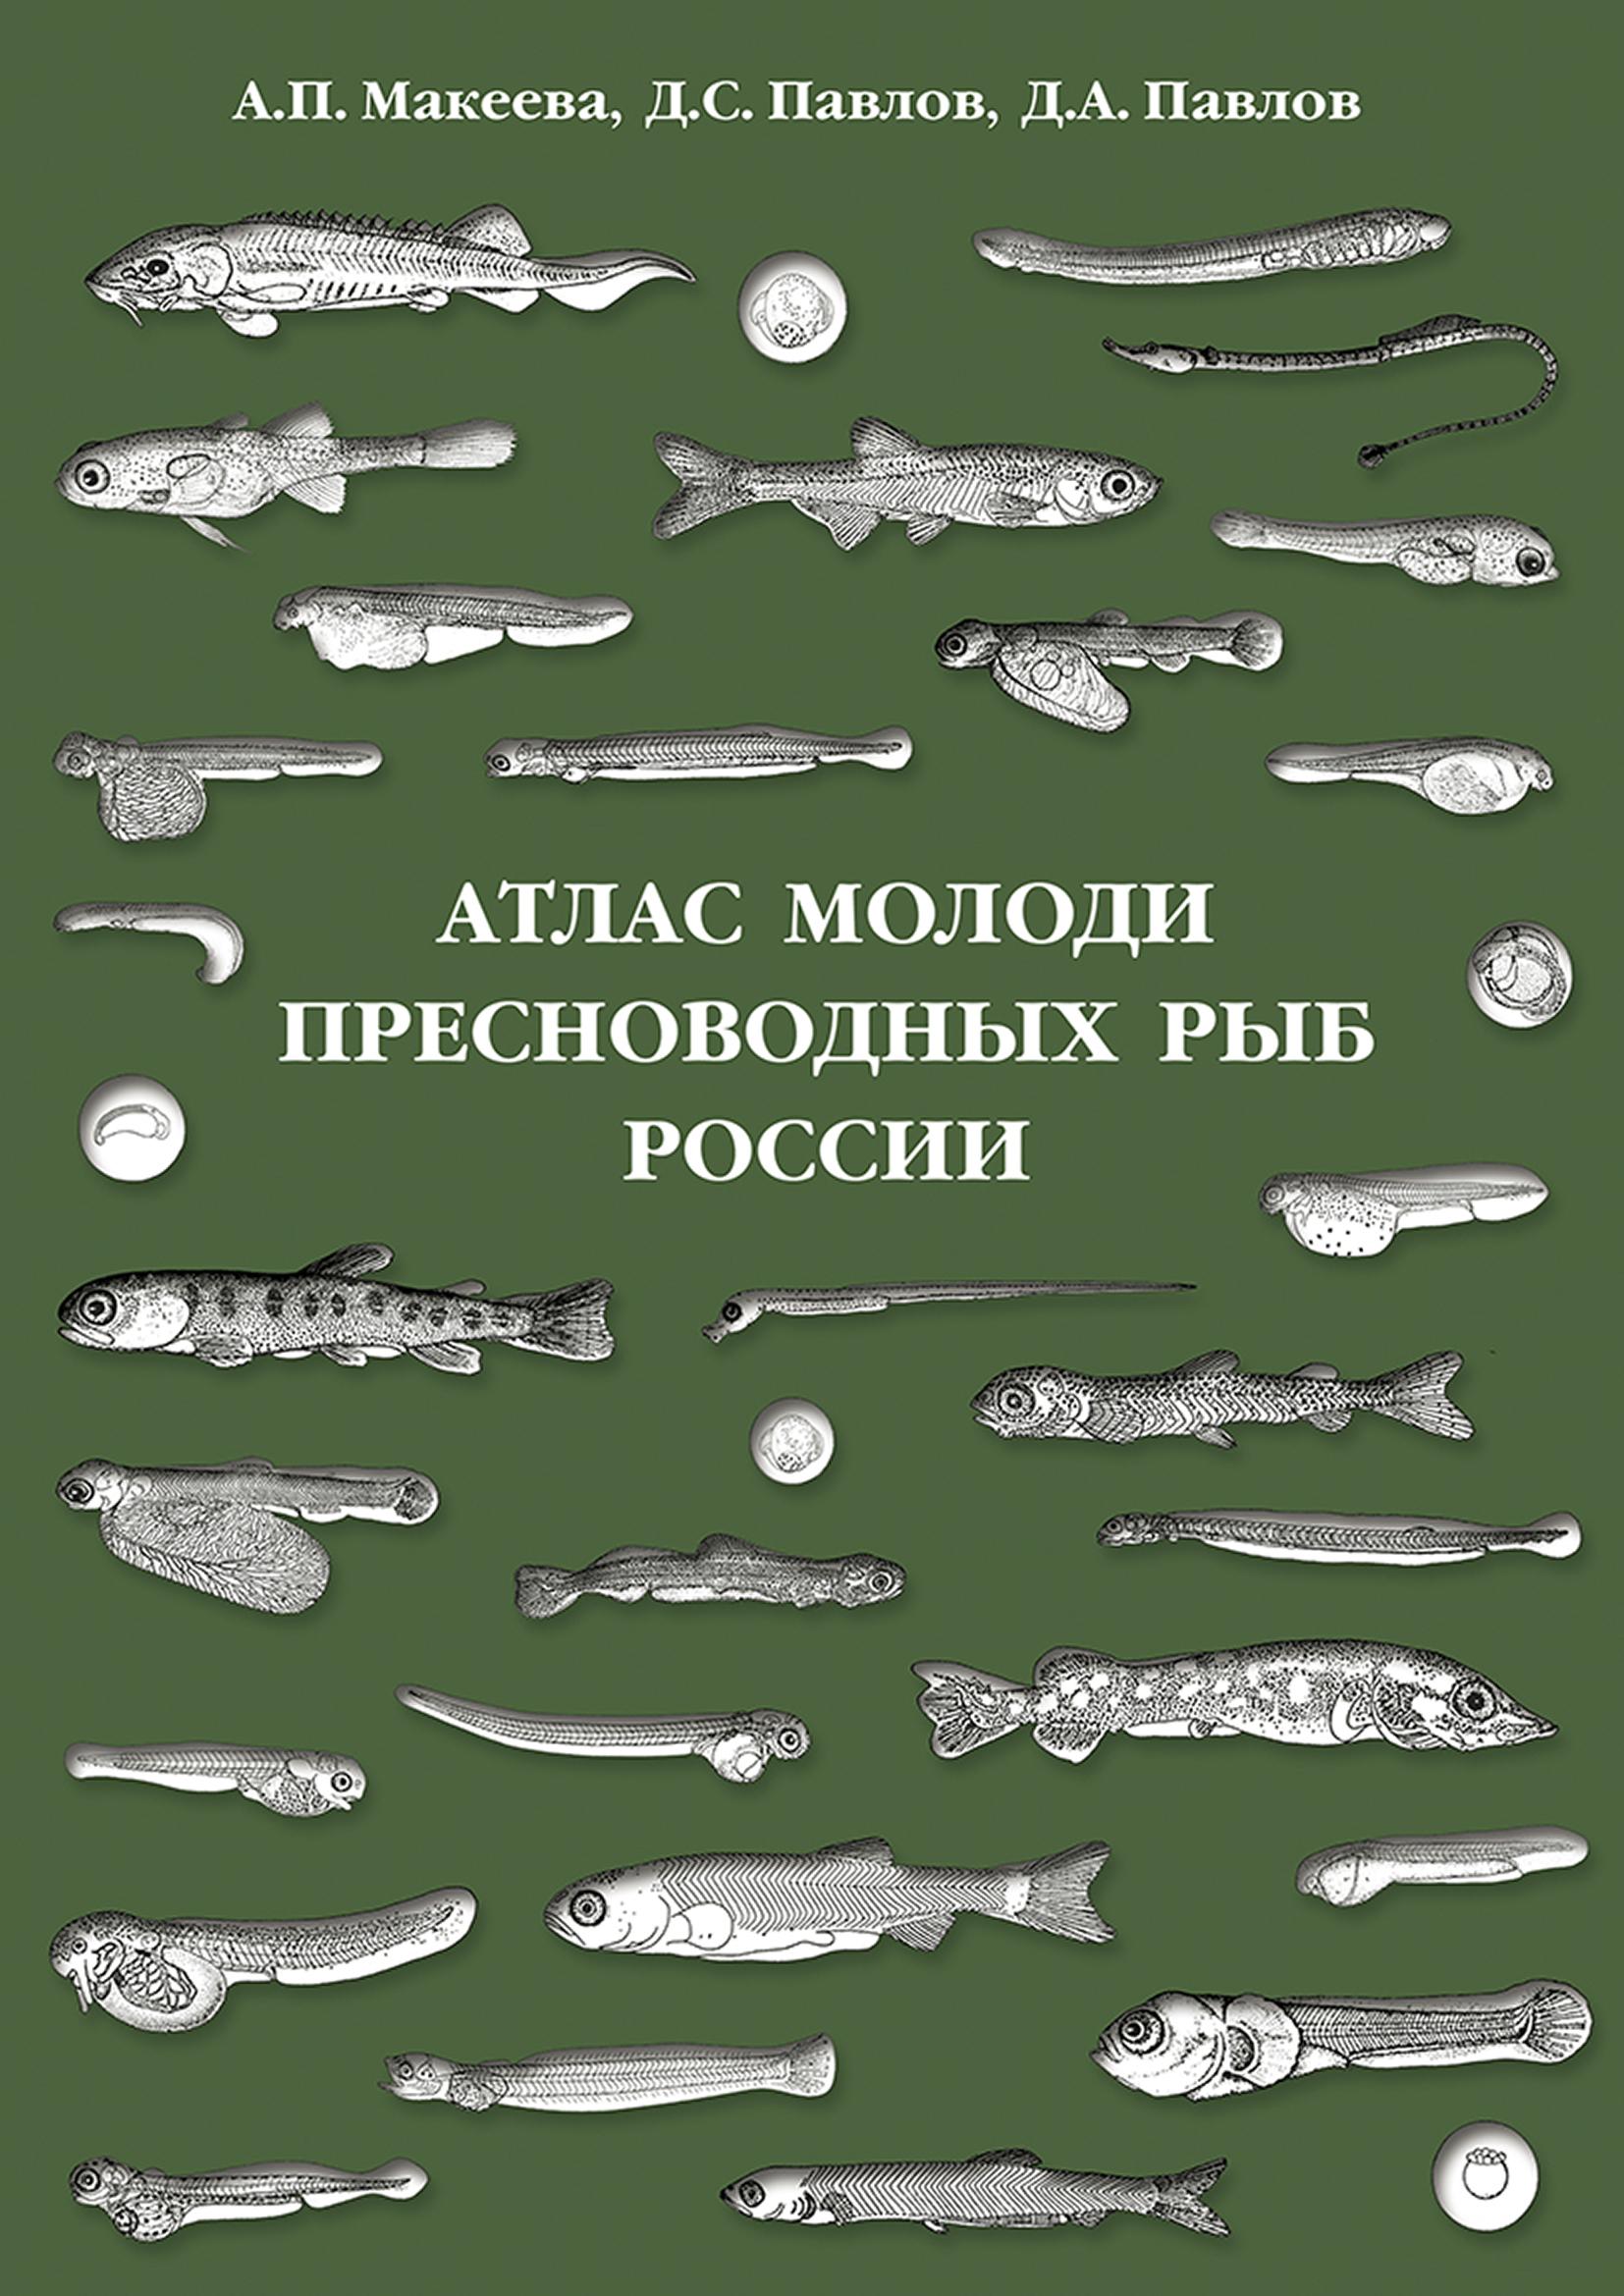 Атлас молоди пресноводных рыб России